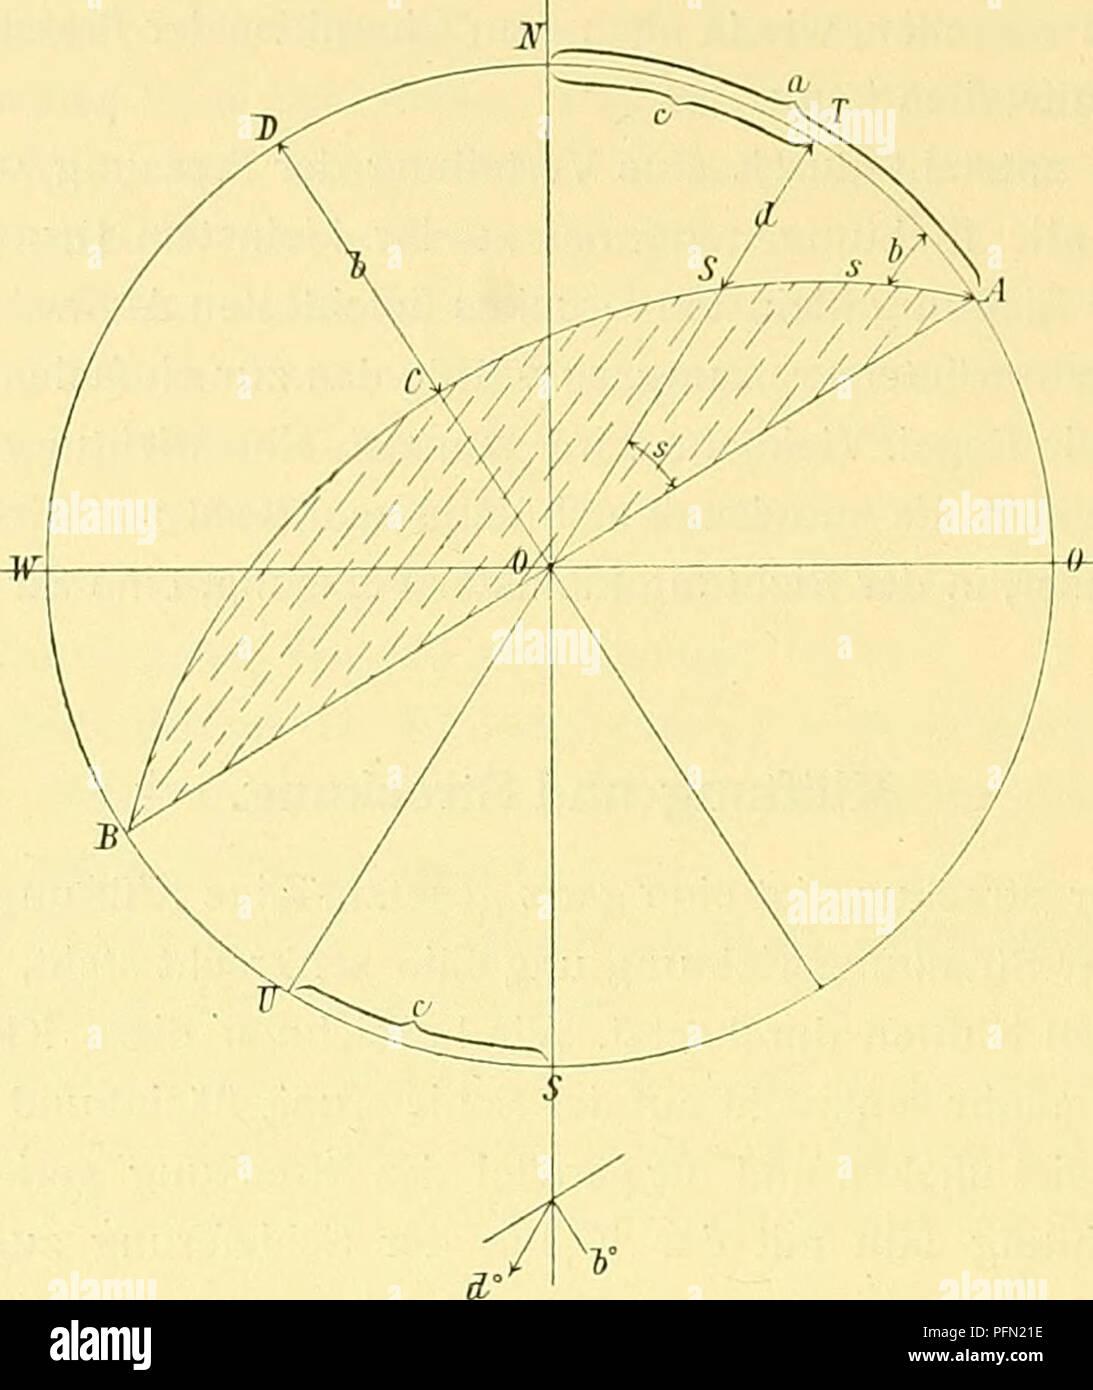 . Denkschriften - Österreichische Akademie der Wissenschaften. 52 F. Becke, 1. Abhängig von der Lage der Schieferungsfläche: Die Streclvung senkt sich in der Schieferungsebene s° nach SW. 2. Unabhängig von der Schieferungsebene: Die Streckung fällt S c°W unter d°. Bei horizontaler Streckung ist (a—c) = o, s = o, daher auch d = o. Für den Fall der Streckung in derFallinie der Schieferung ist (a —c) = 90°, s = 90° und d=b. dem Fallvvinkel der Schieferung. Zwischen Streichen und Fallen der Schieferung, Senkung und Fallen der Streckung bestehen folgende Beziehungen, die sich aus dem rechtwinkligen - Stock Image